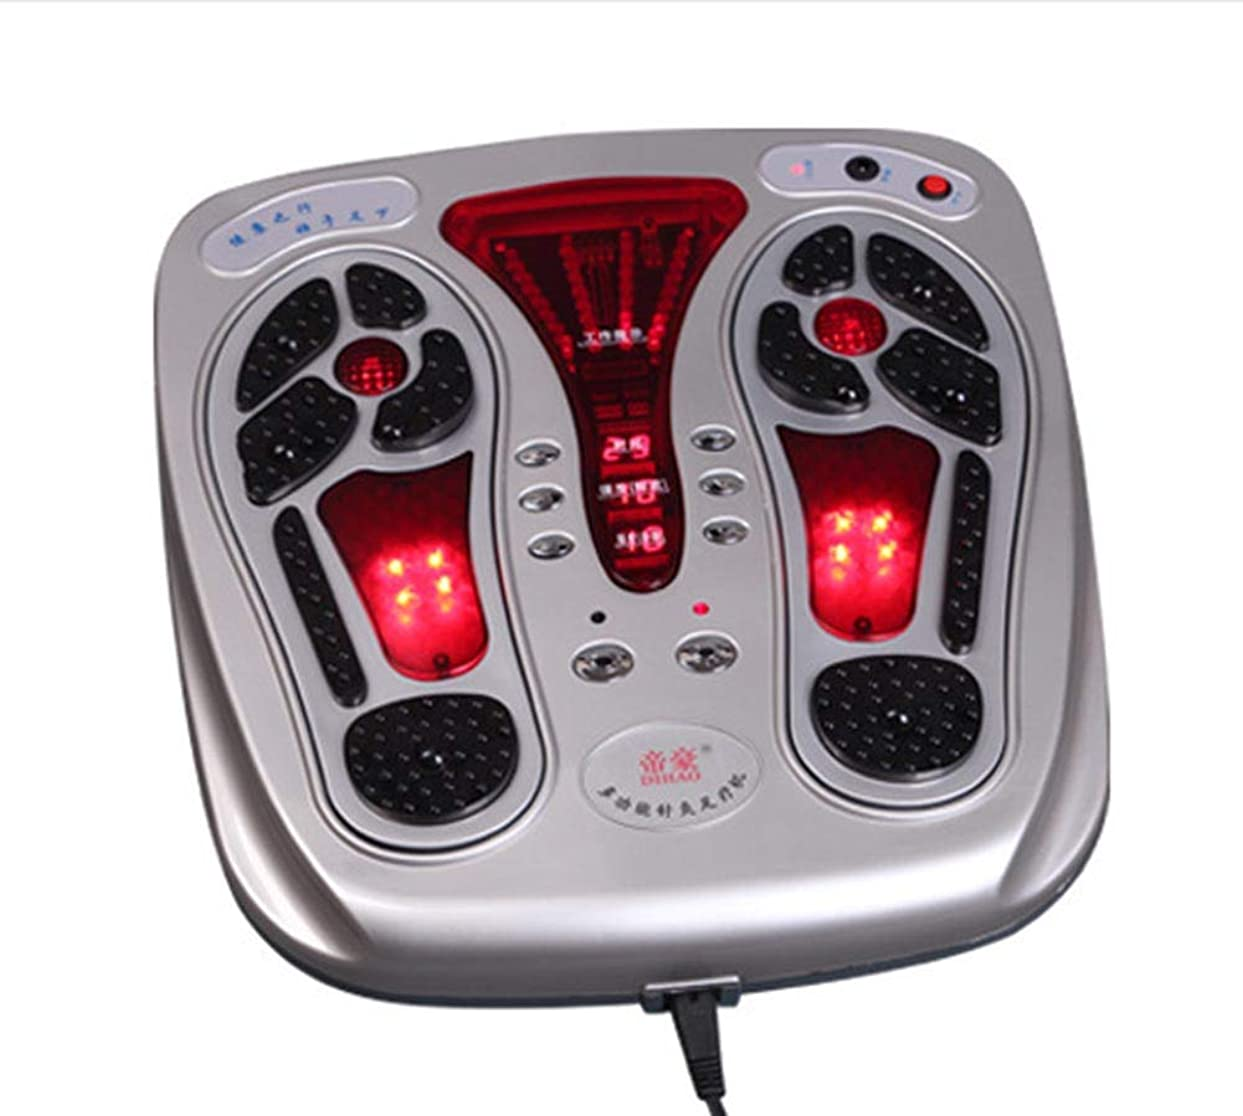 騒乱曲がったベックス電気 なだめるようなそして熱を暖める足のマッサージャー、筋肉の軟化、血行、痛みの治療触覚制御と人間工学に基づいたデザイン 人間工学的デザイン